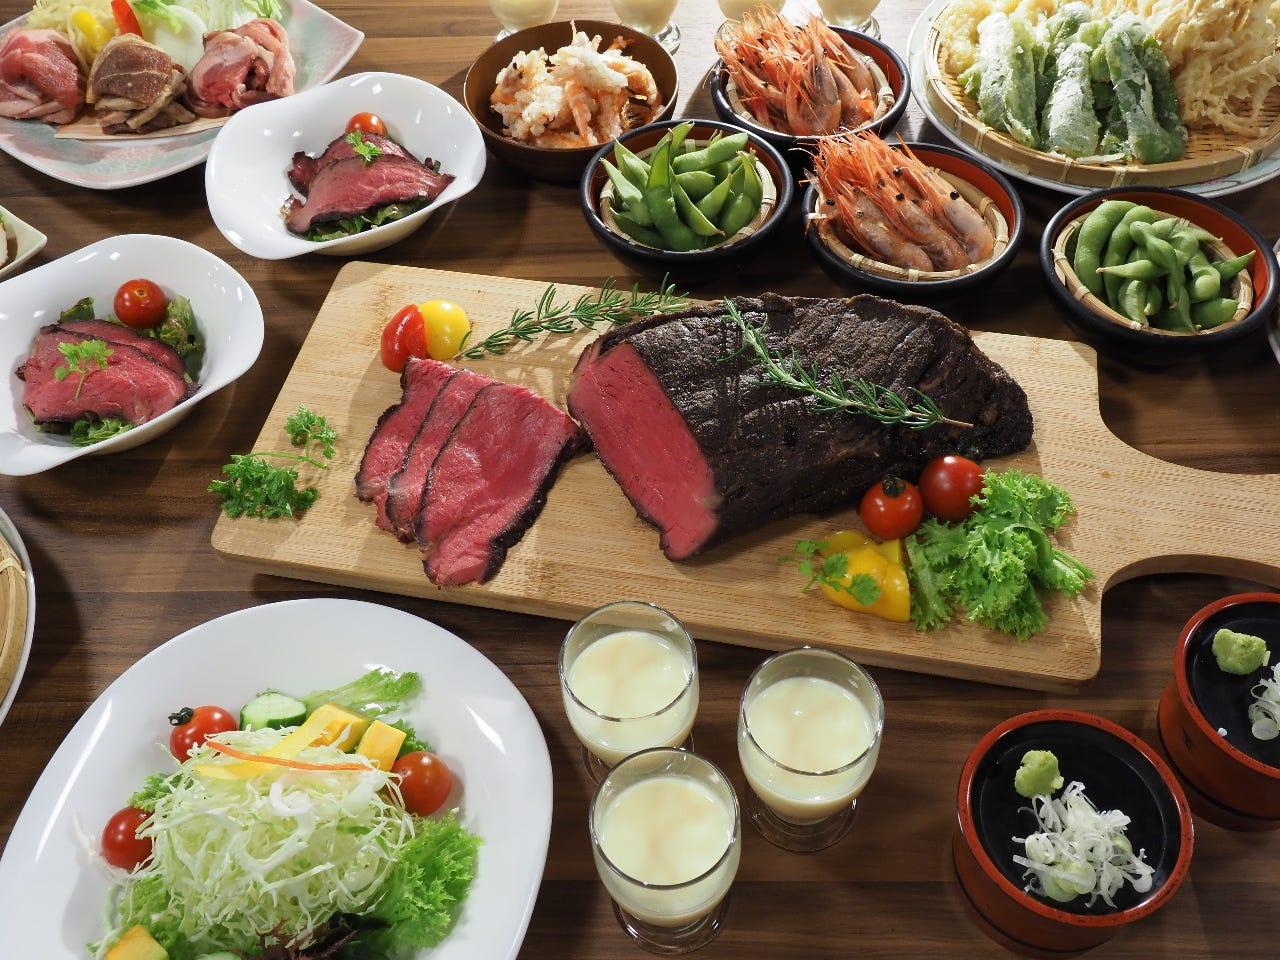 ジンギスカンや蒜山ジャージー牛ローストビーフも食べ放題!高原のランチビュッフェ